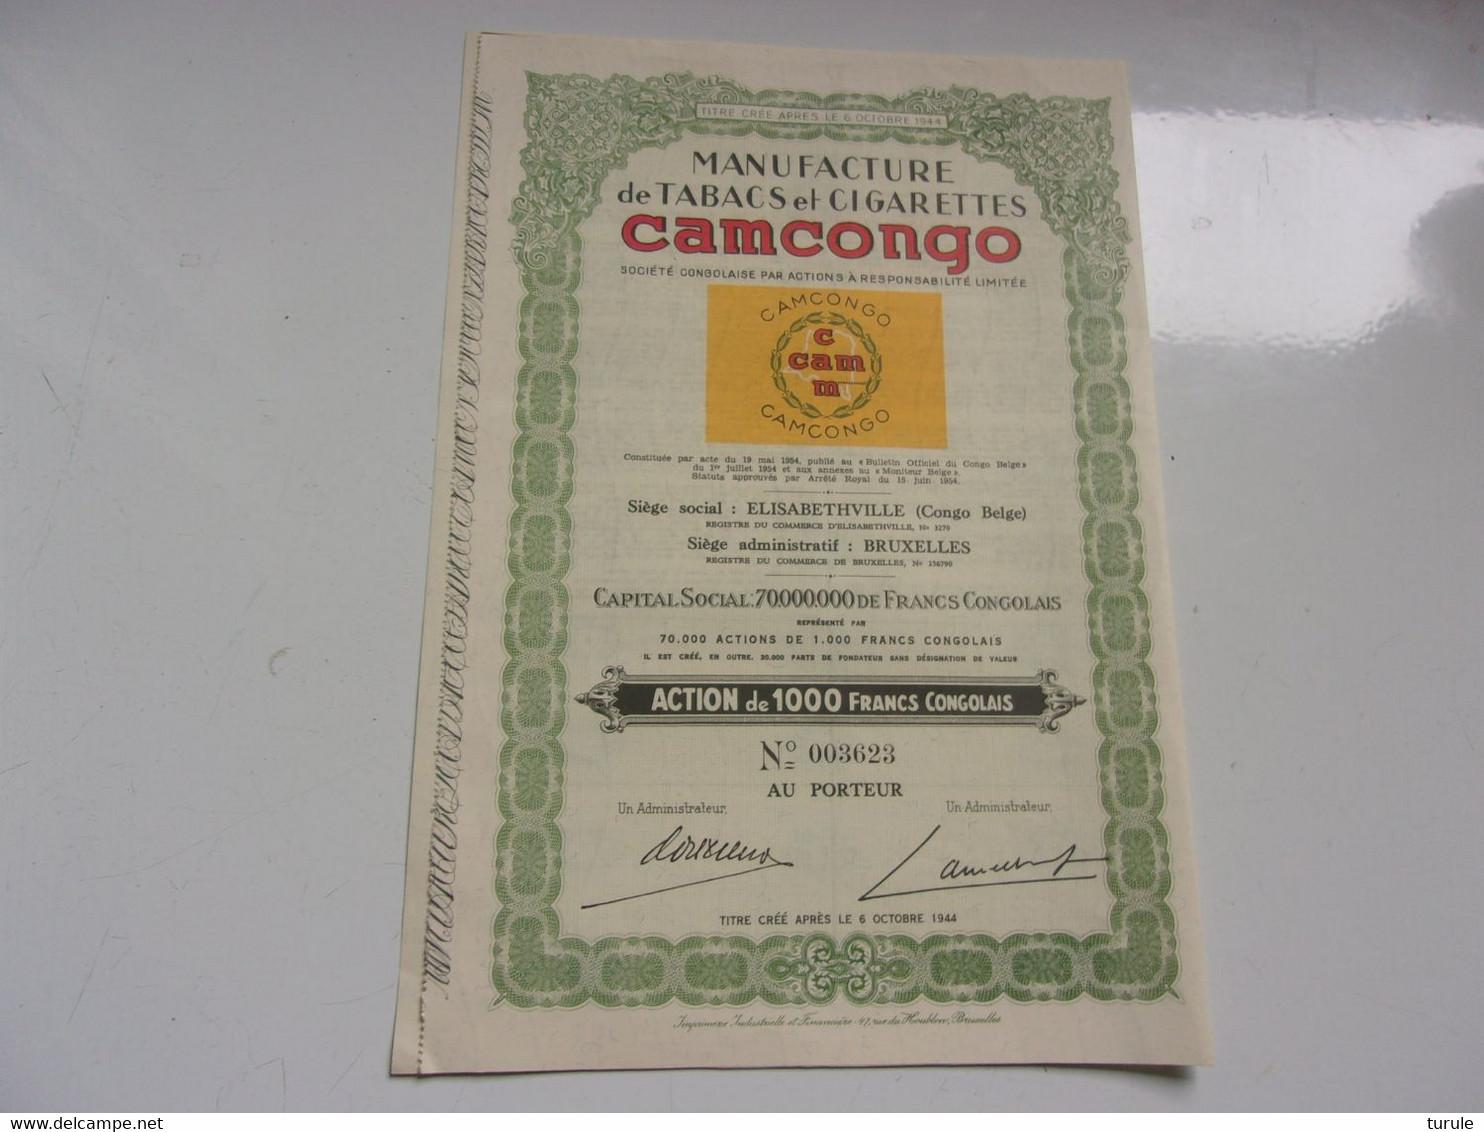 CAMCONGO Manufacture Tabacs Et Cigarettes (ELISABETHVILLE , CONGO BELGE) - Unclassified